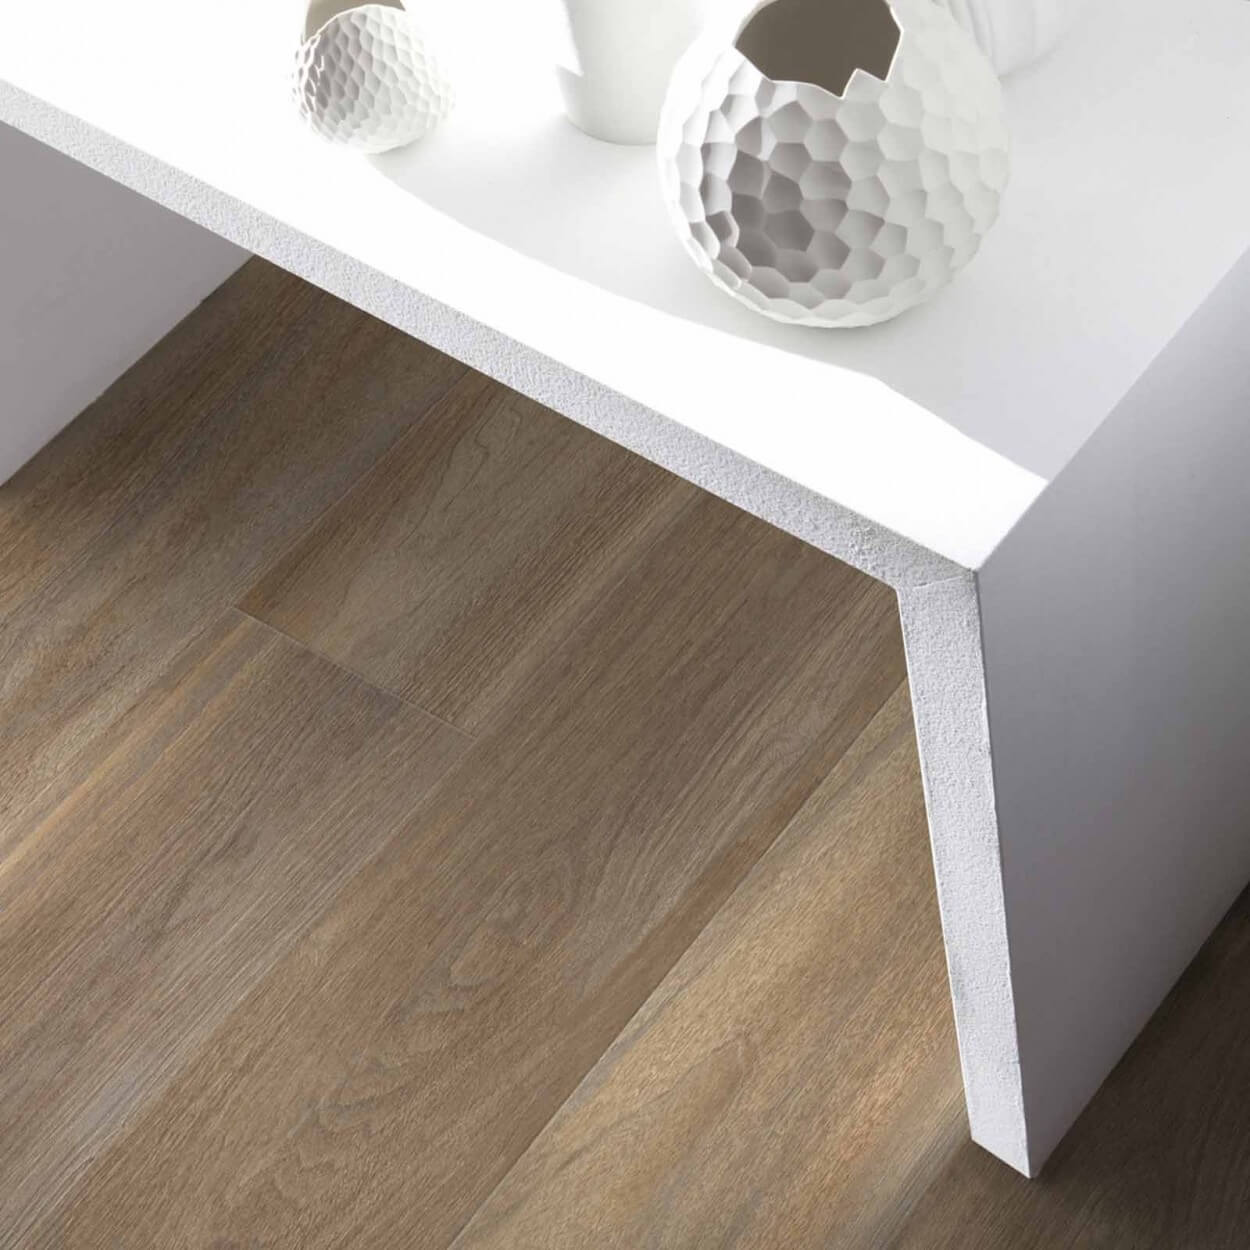 Pavimento In Pvc Effetto Legno bostonian oak 0871 | gerflor creation 30 clic | offerta -60%